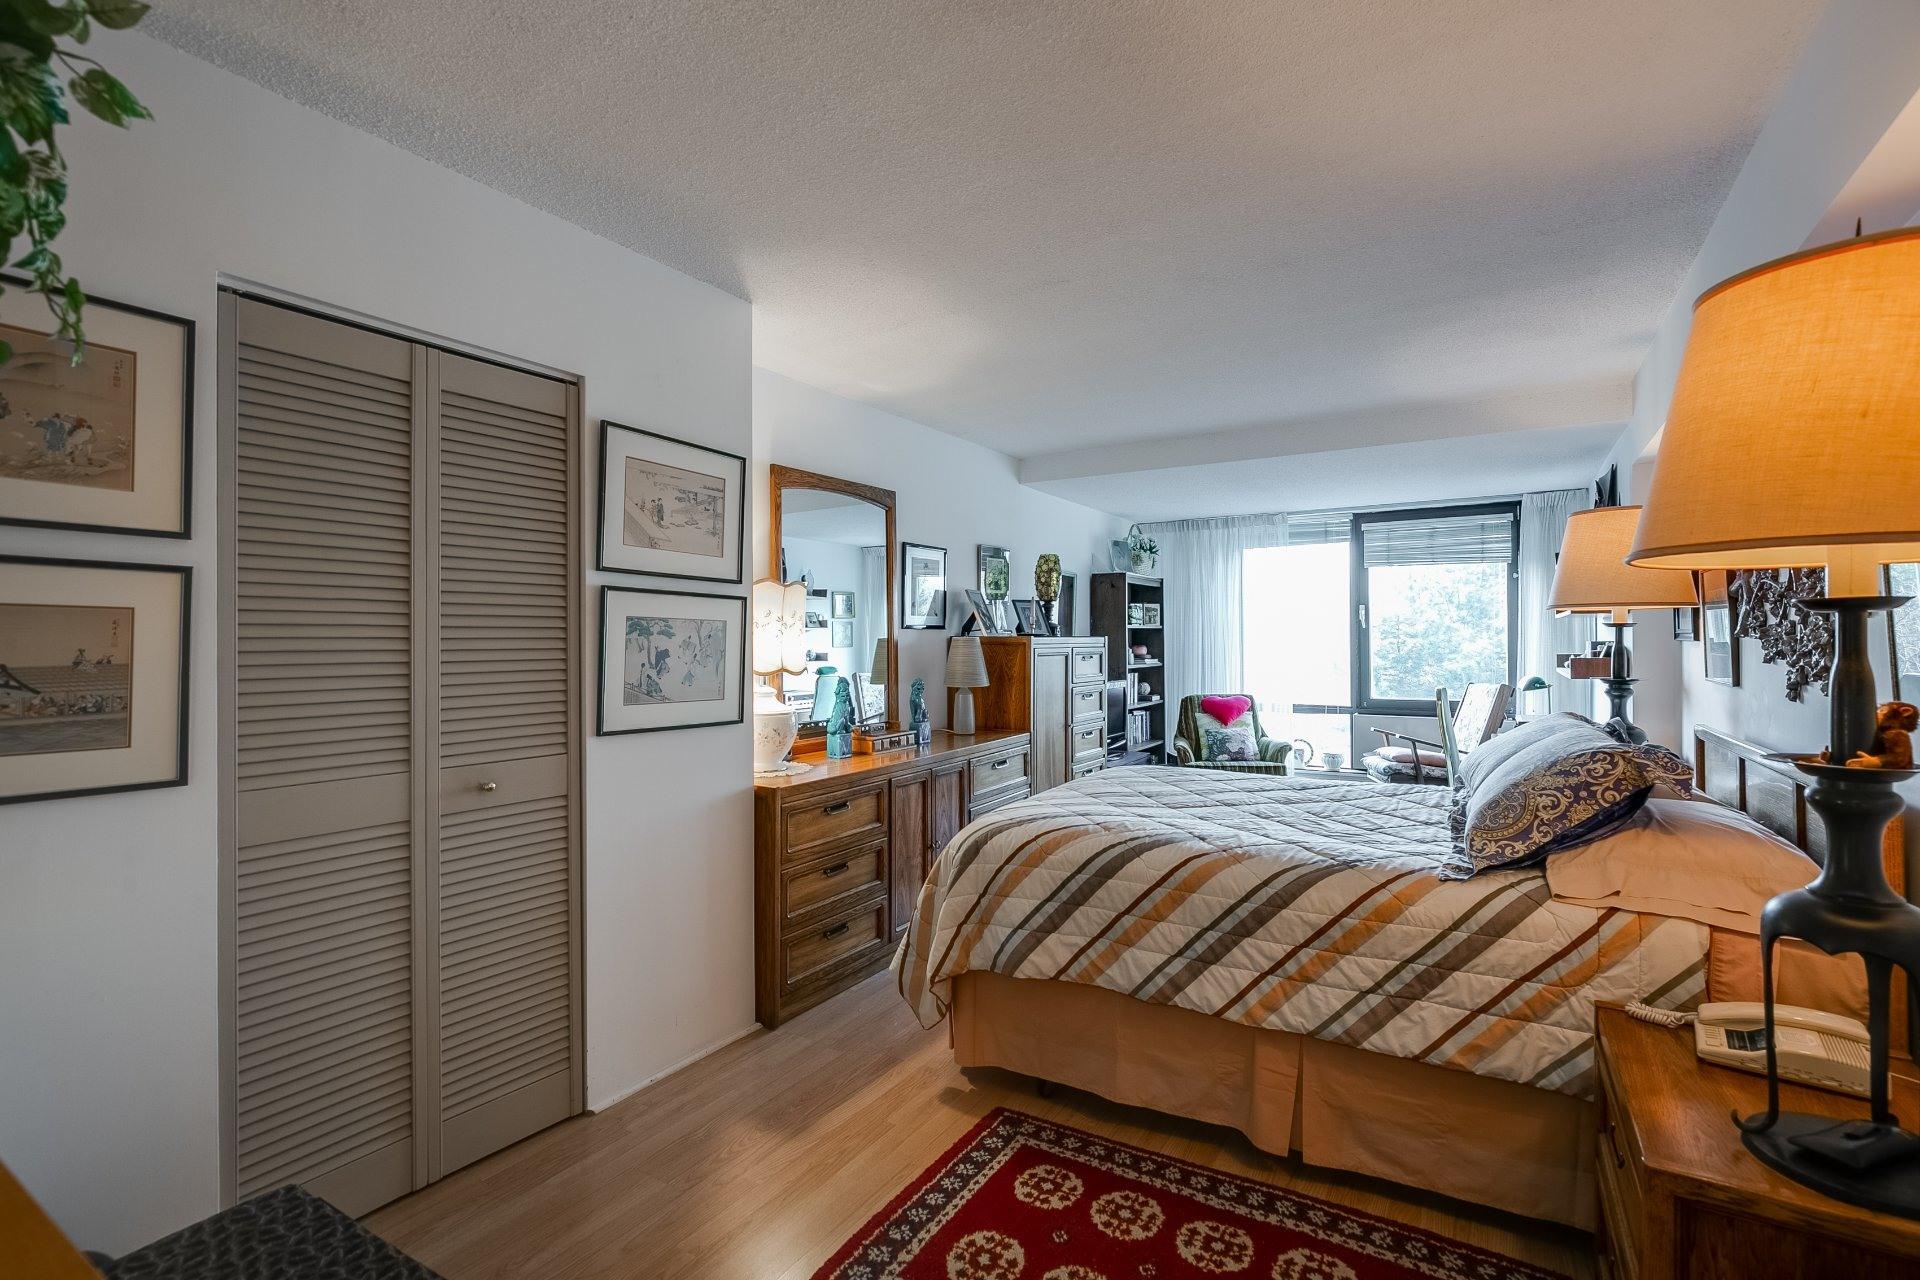 image 17 - Appartement À vendre Verdun/Île-des-Soeurs Montréal  - 6 pièces